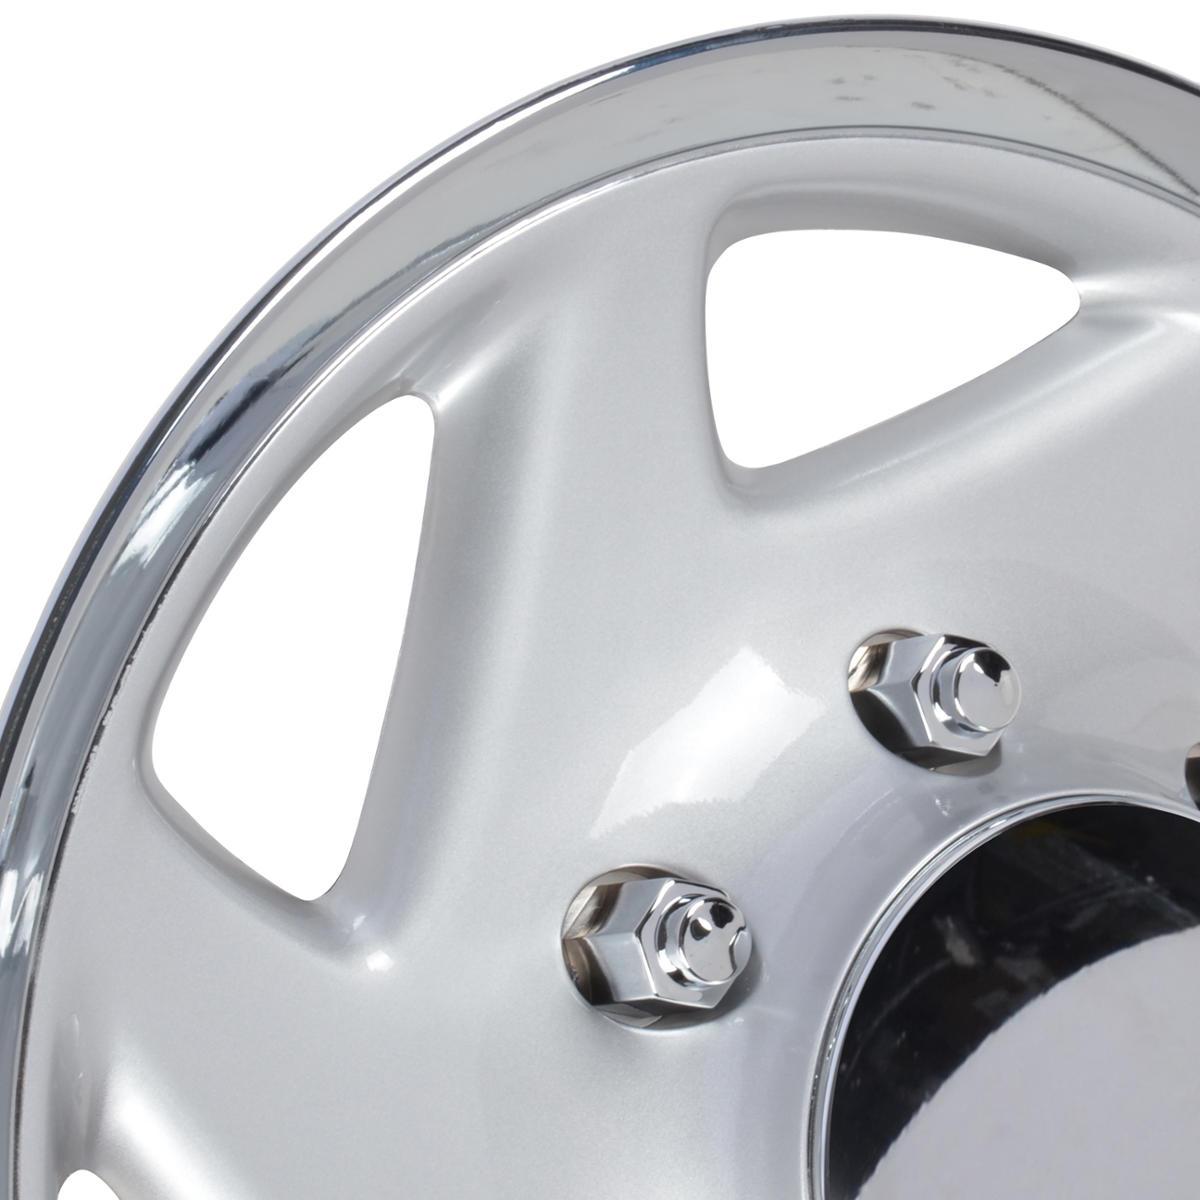 Wheel Cover Fit Ford E-250 E-350 F-250 F-350 Hubcaps 4PC